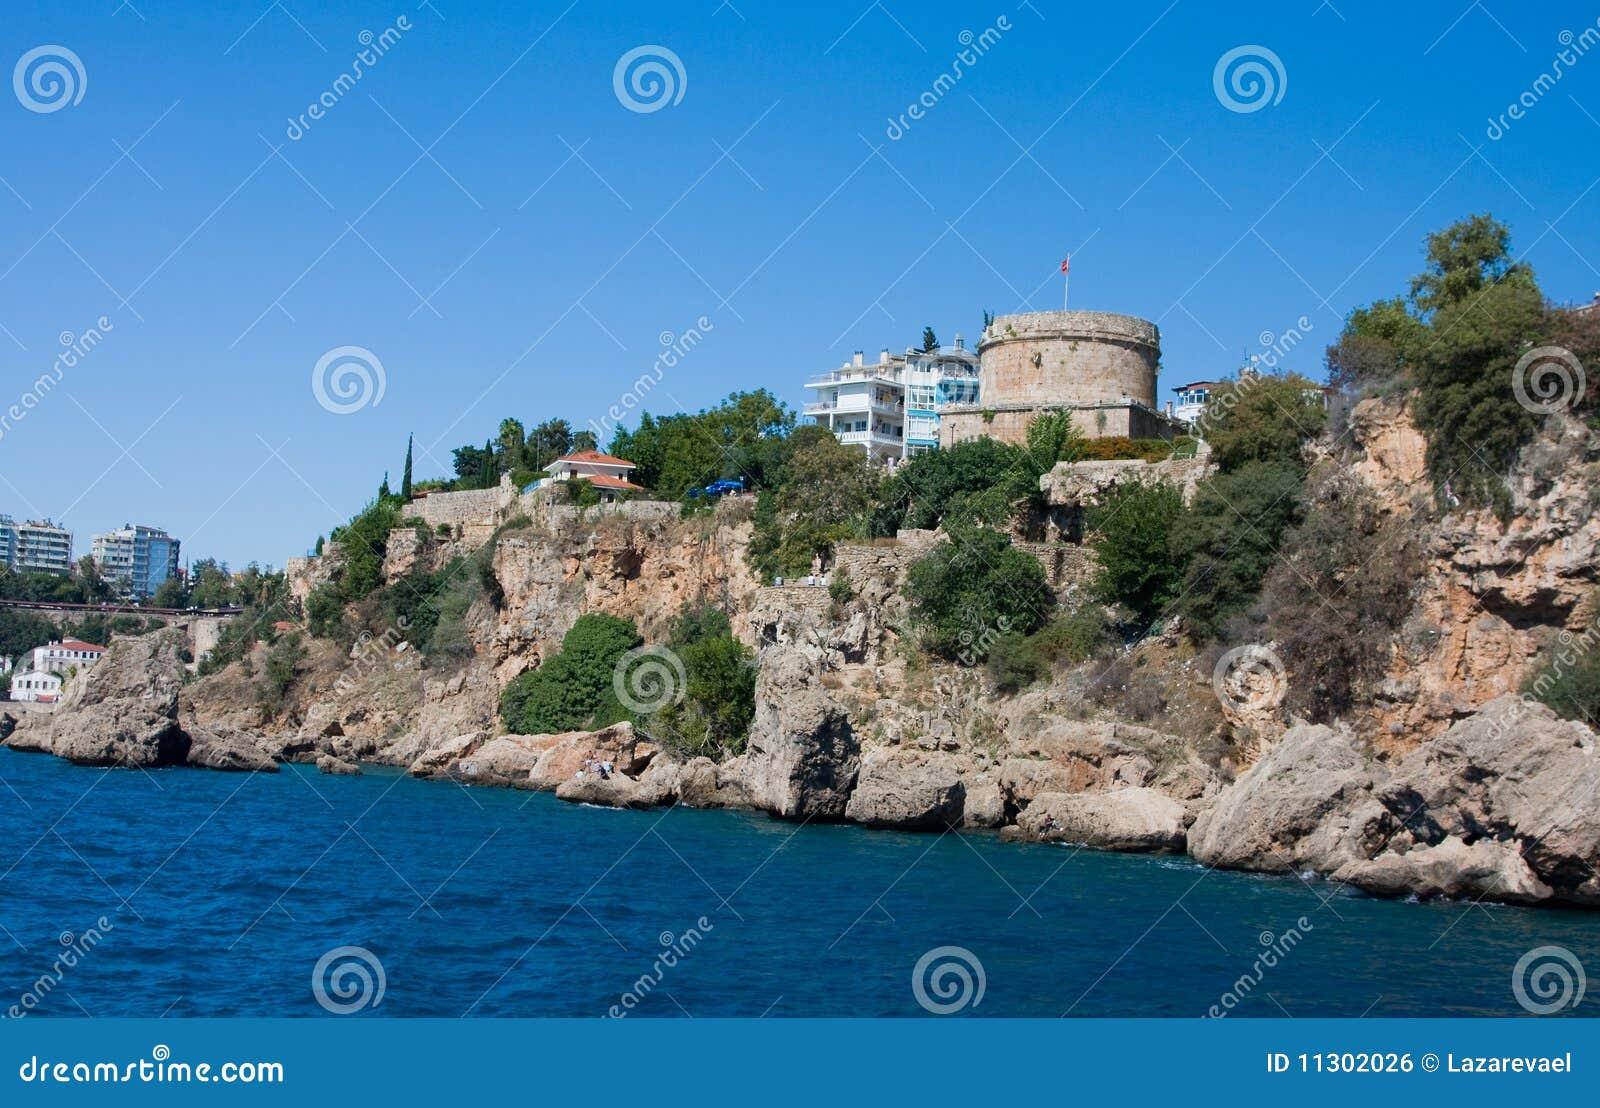 Antalya, die Türkei